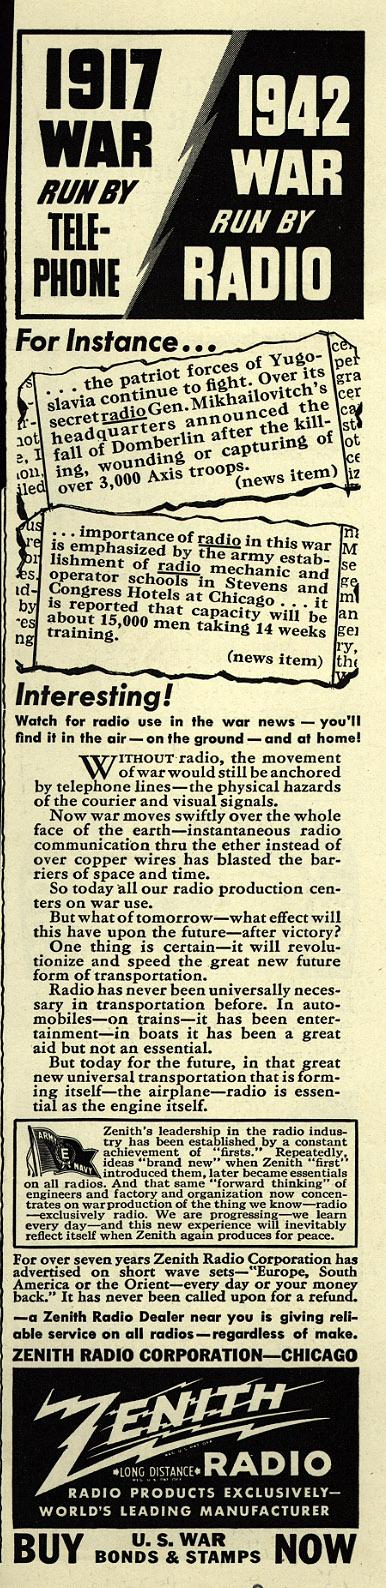 1917_war...1942_war